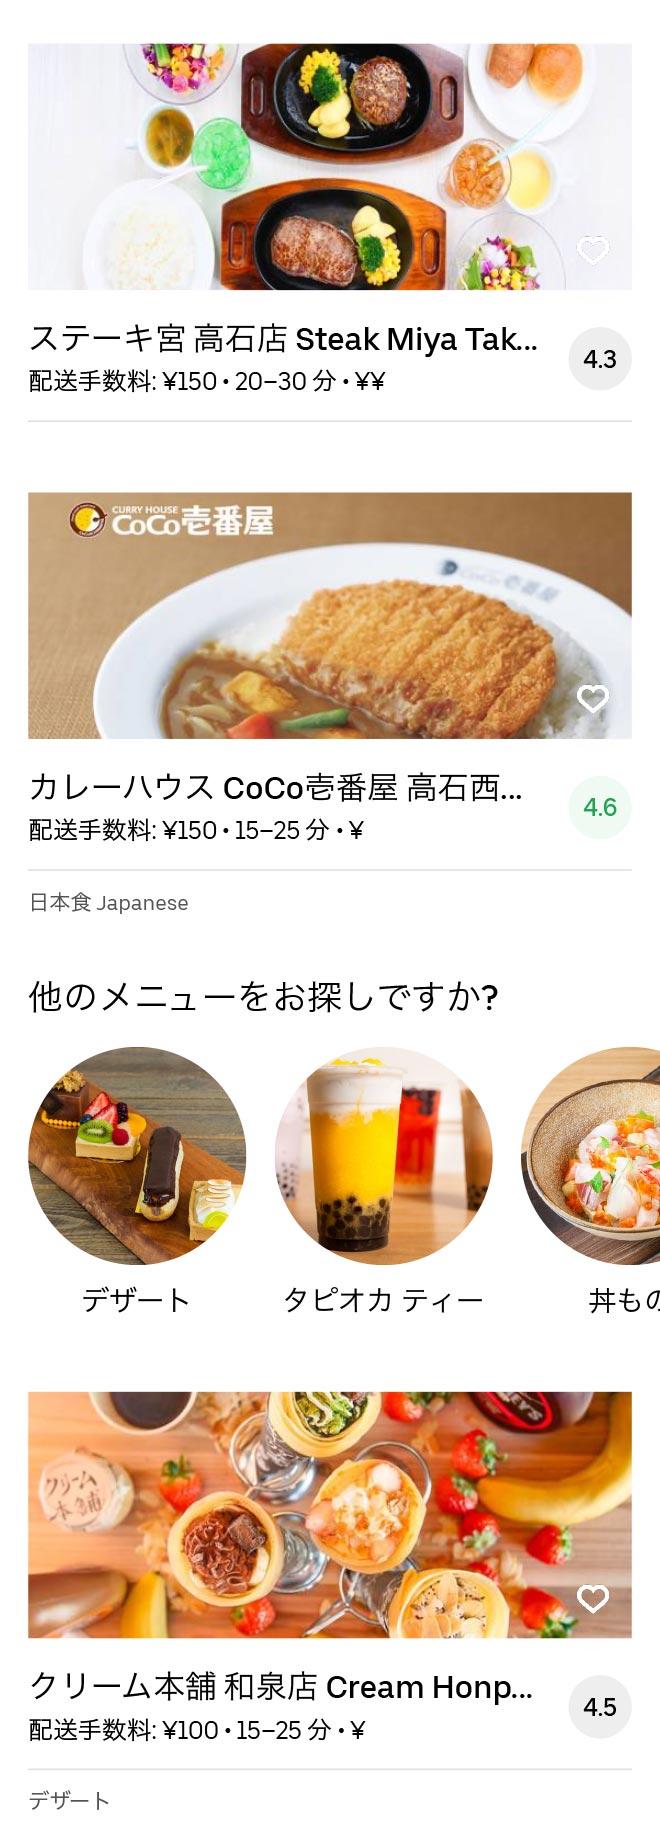 Izumi kitashinoda menu 2005 04